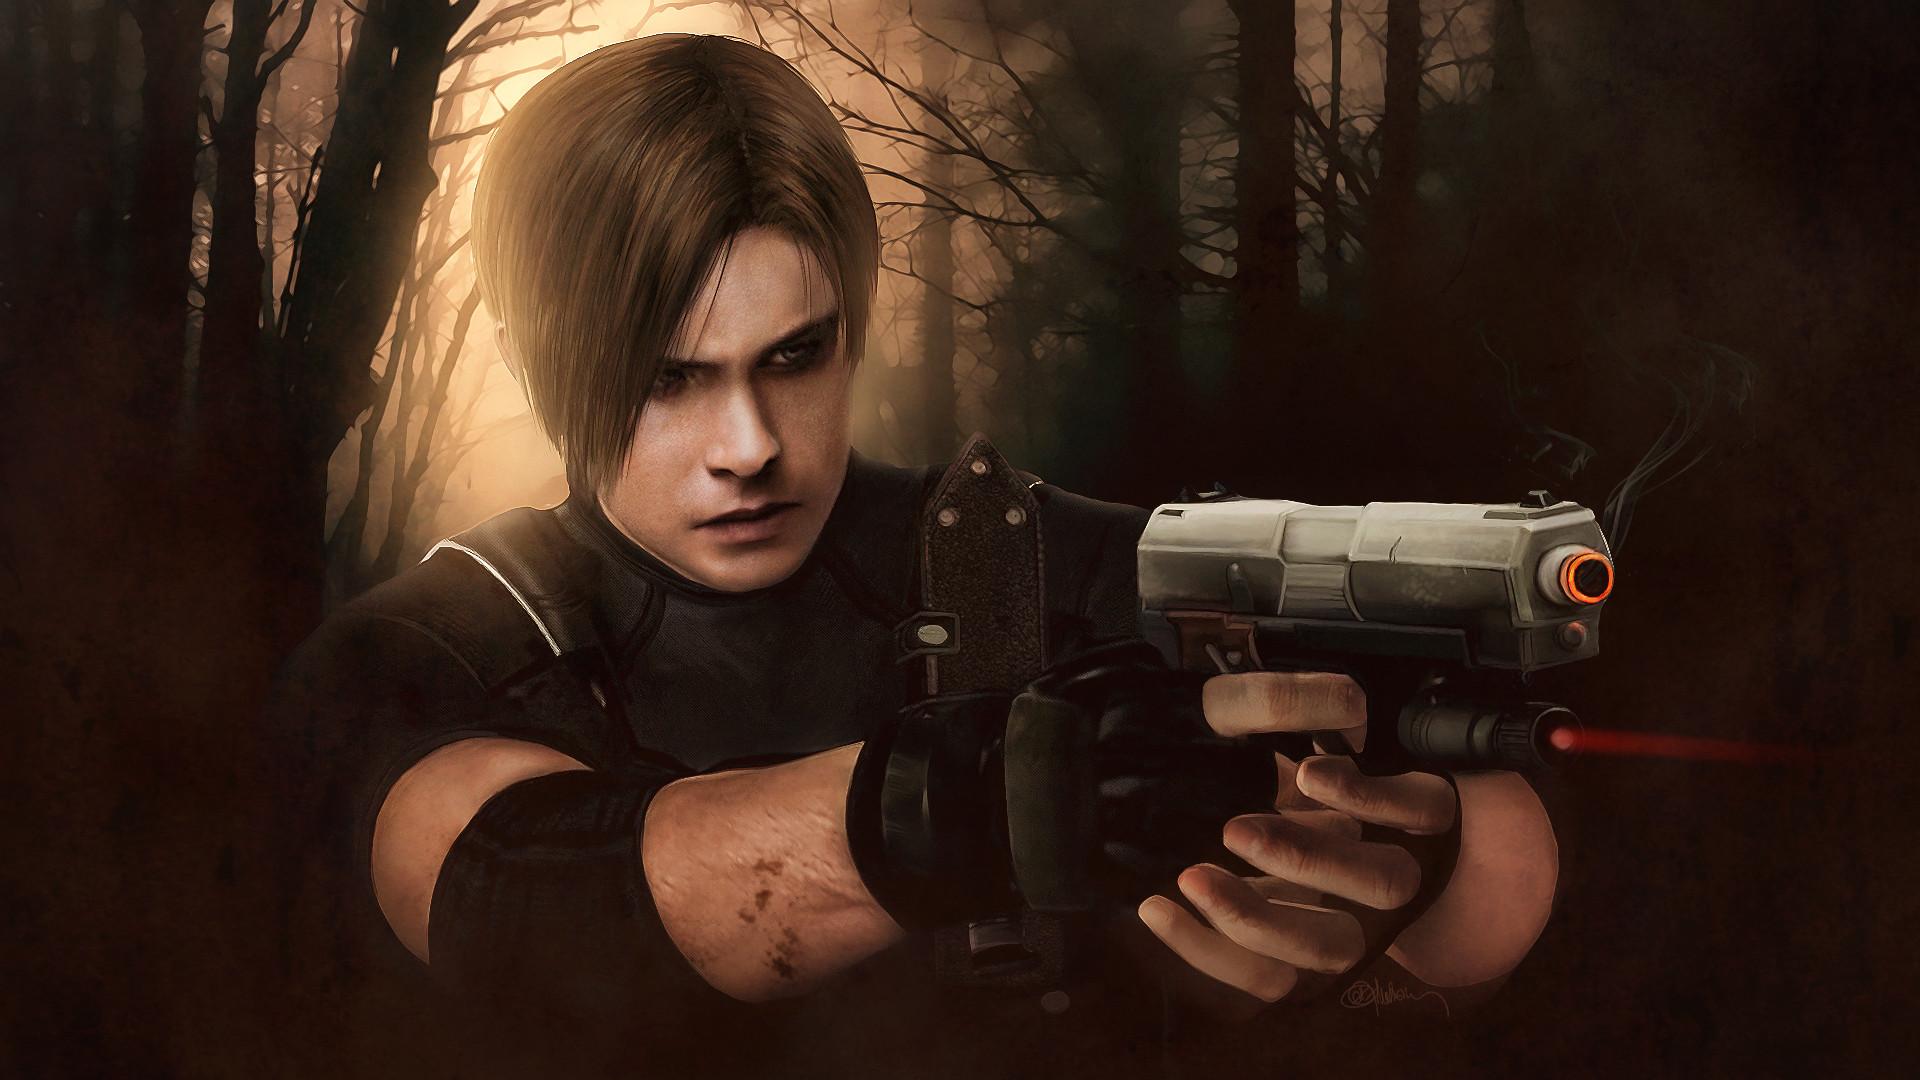 Resident Evil 4 Movie Wallpaper (63+ Images